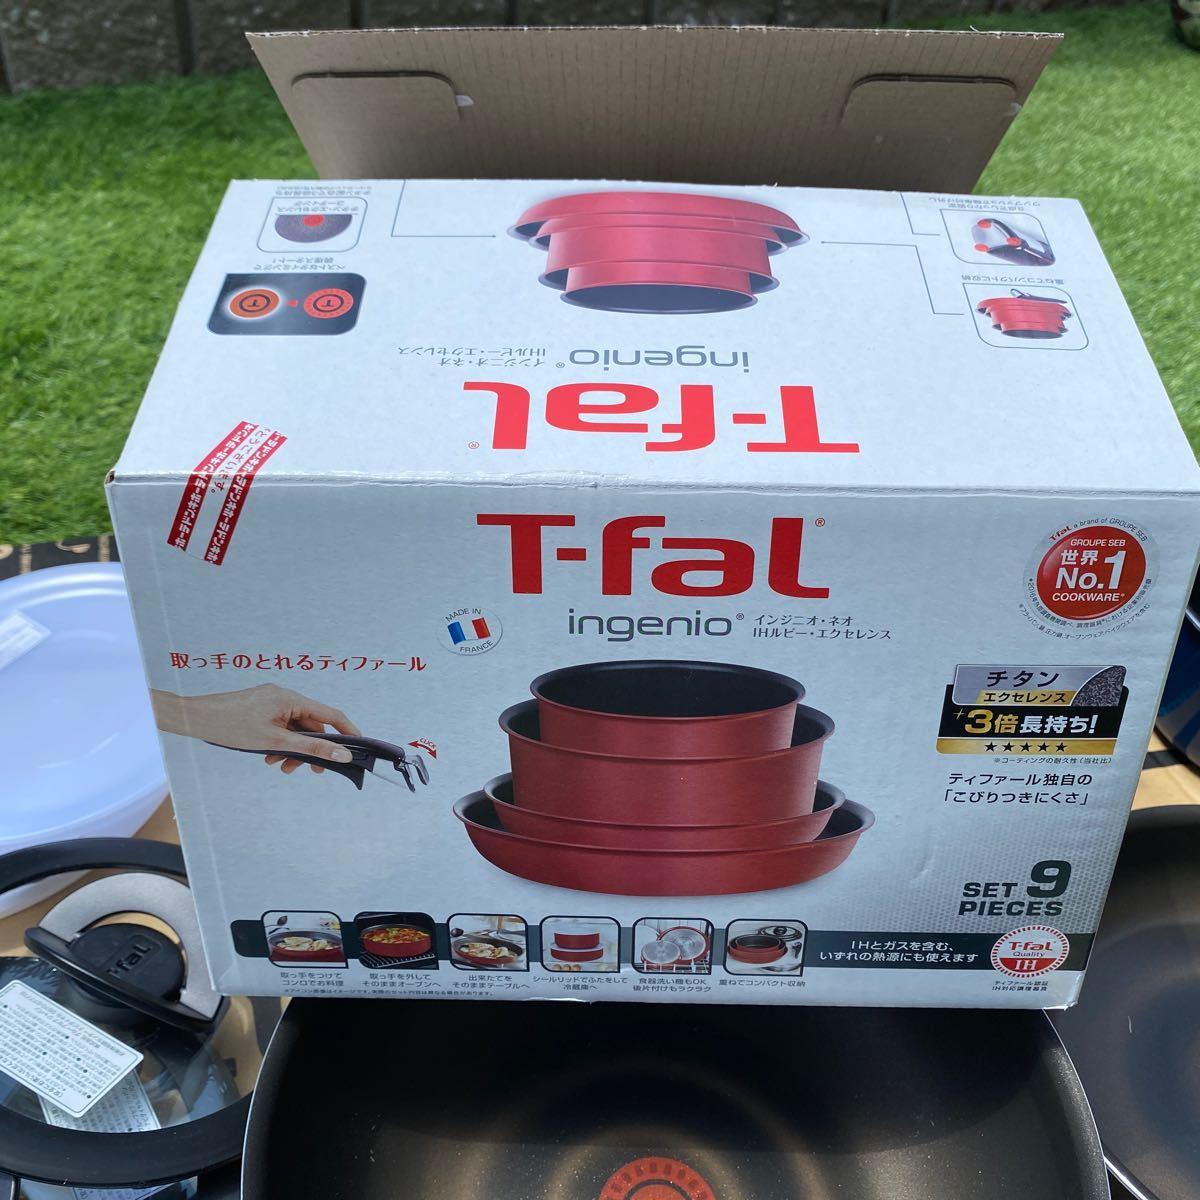 ティファール T-fal フライパンセット 11点付き ガス火専用 ティファールフライパン